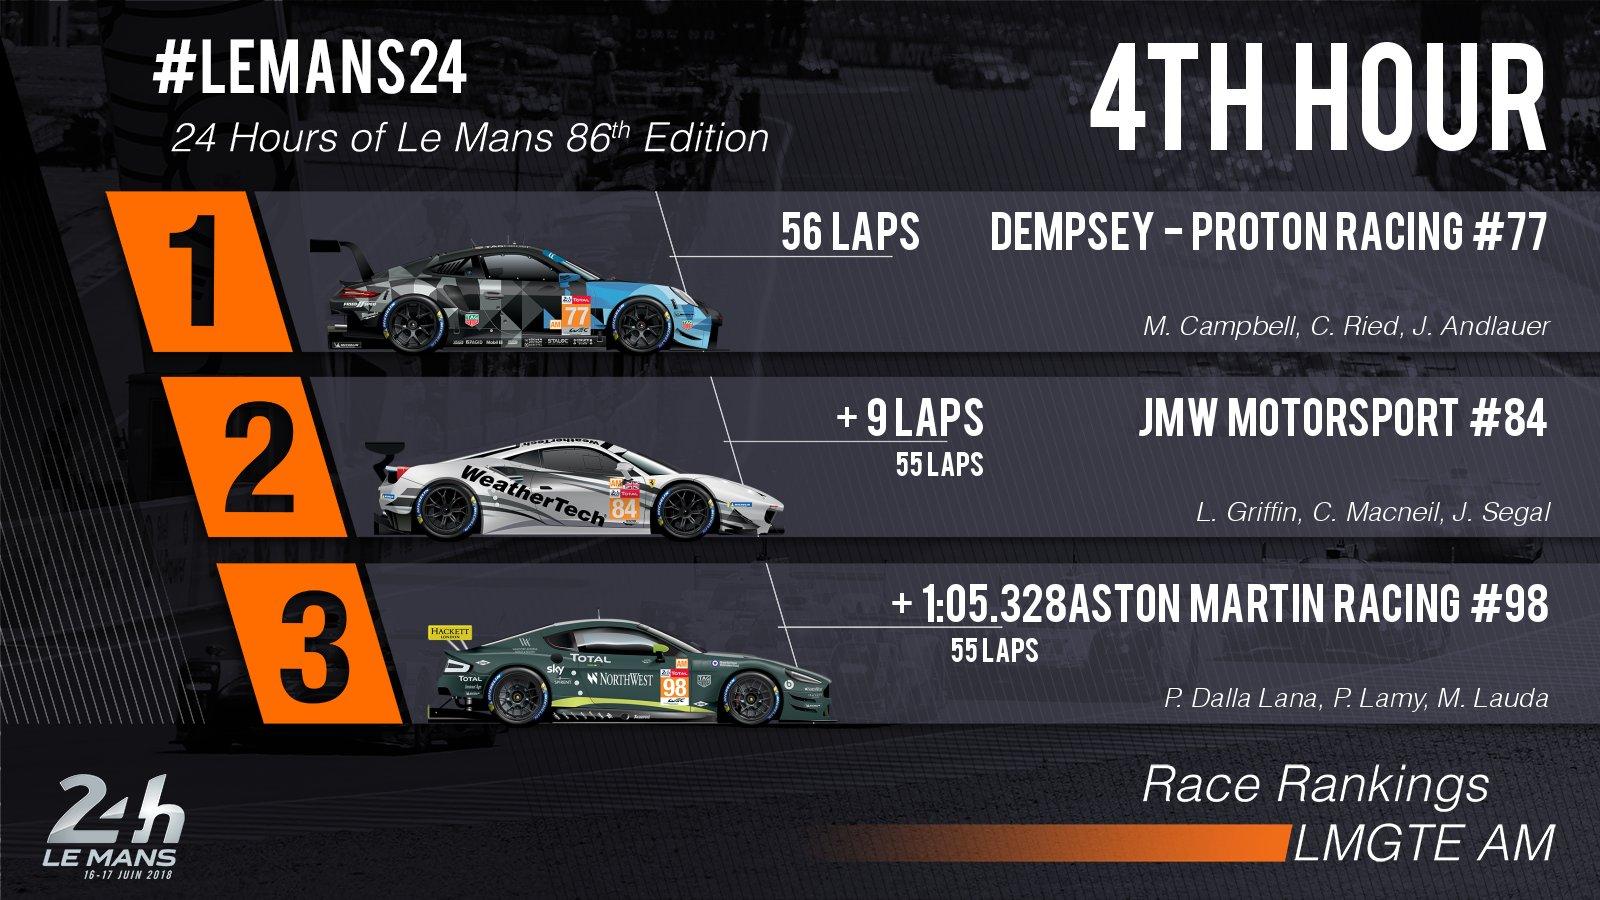 24 Horas de Le Mans 2018 - Página 3 Df0_xGWXUAE9u2r